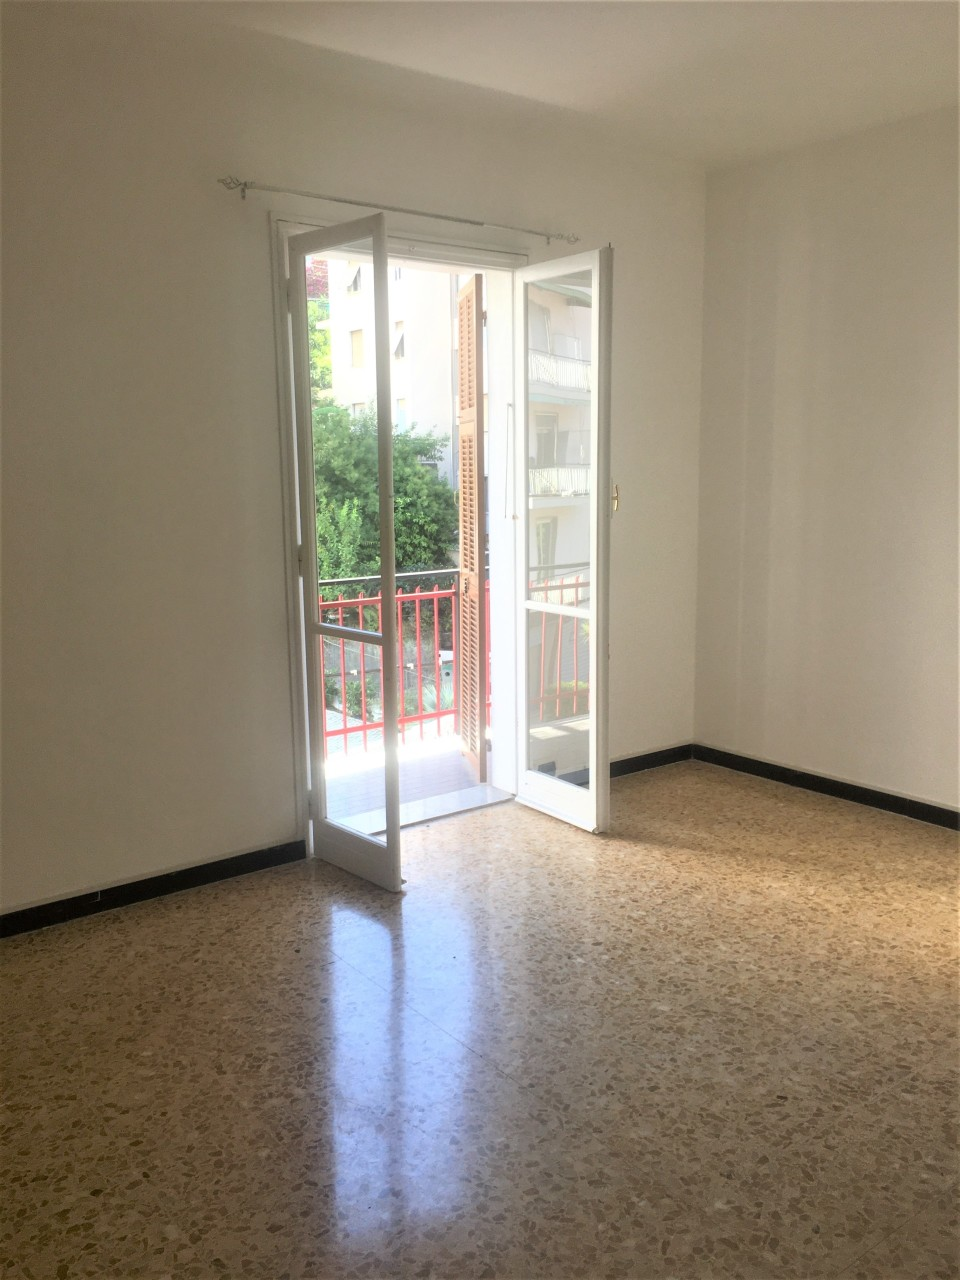 Appartamento in affitto a SanRemo, 3 locali, prezzo € 550 | PortaleAgenzieImmobiliari.it